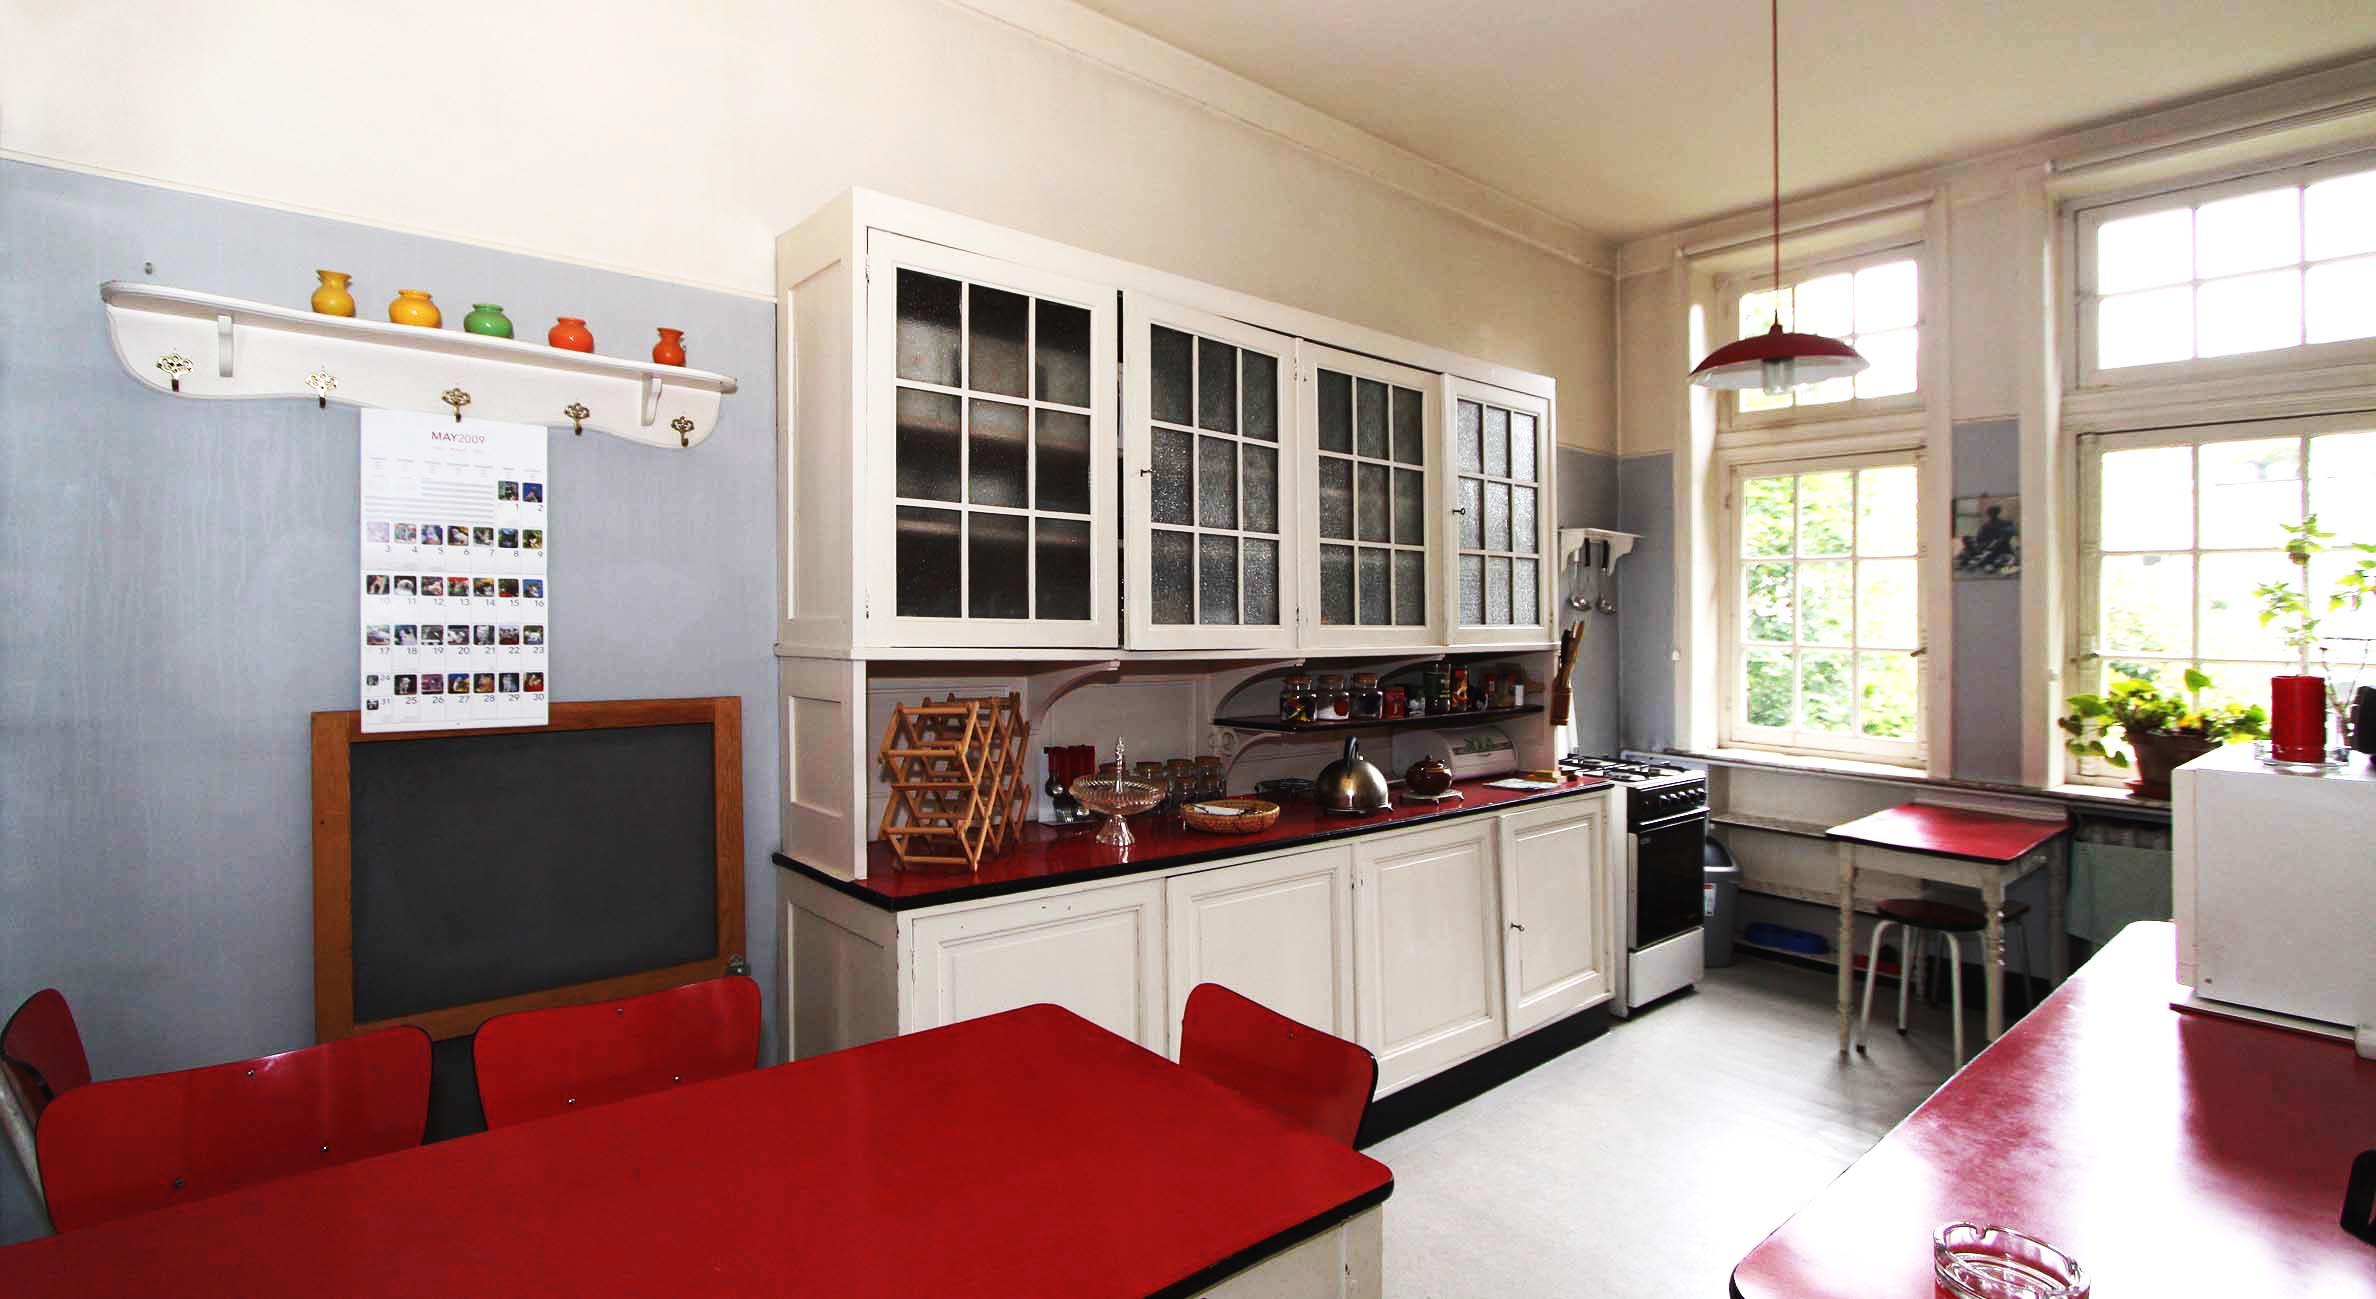 Location appartement Clermont Ferrand : les locations particulières